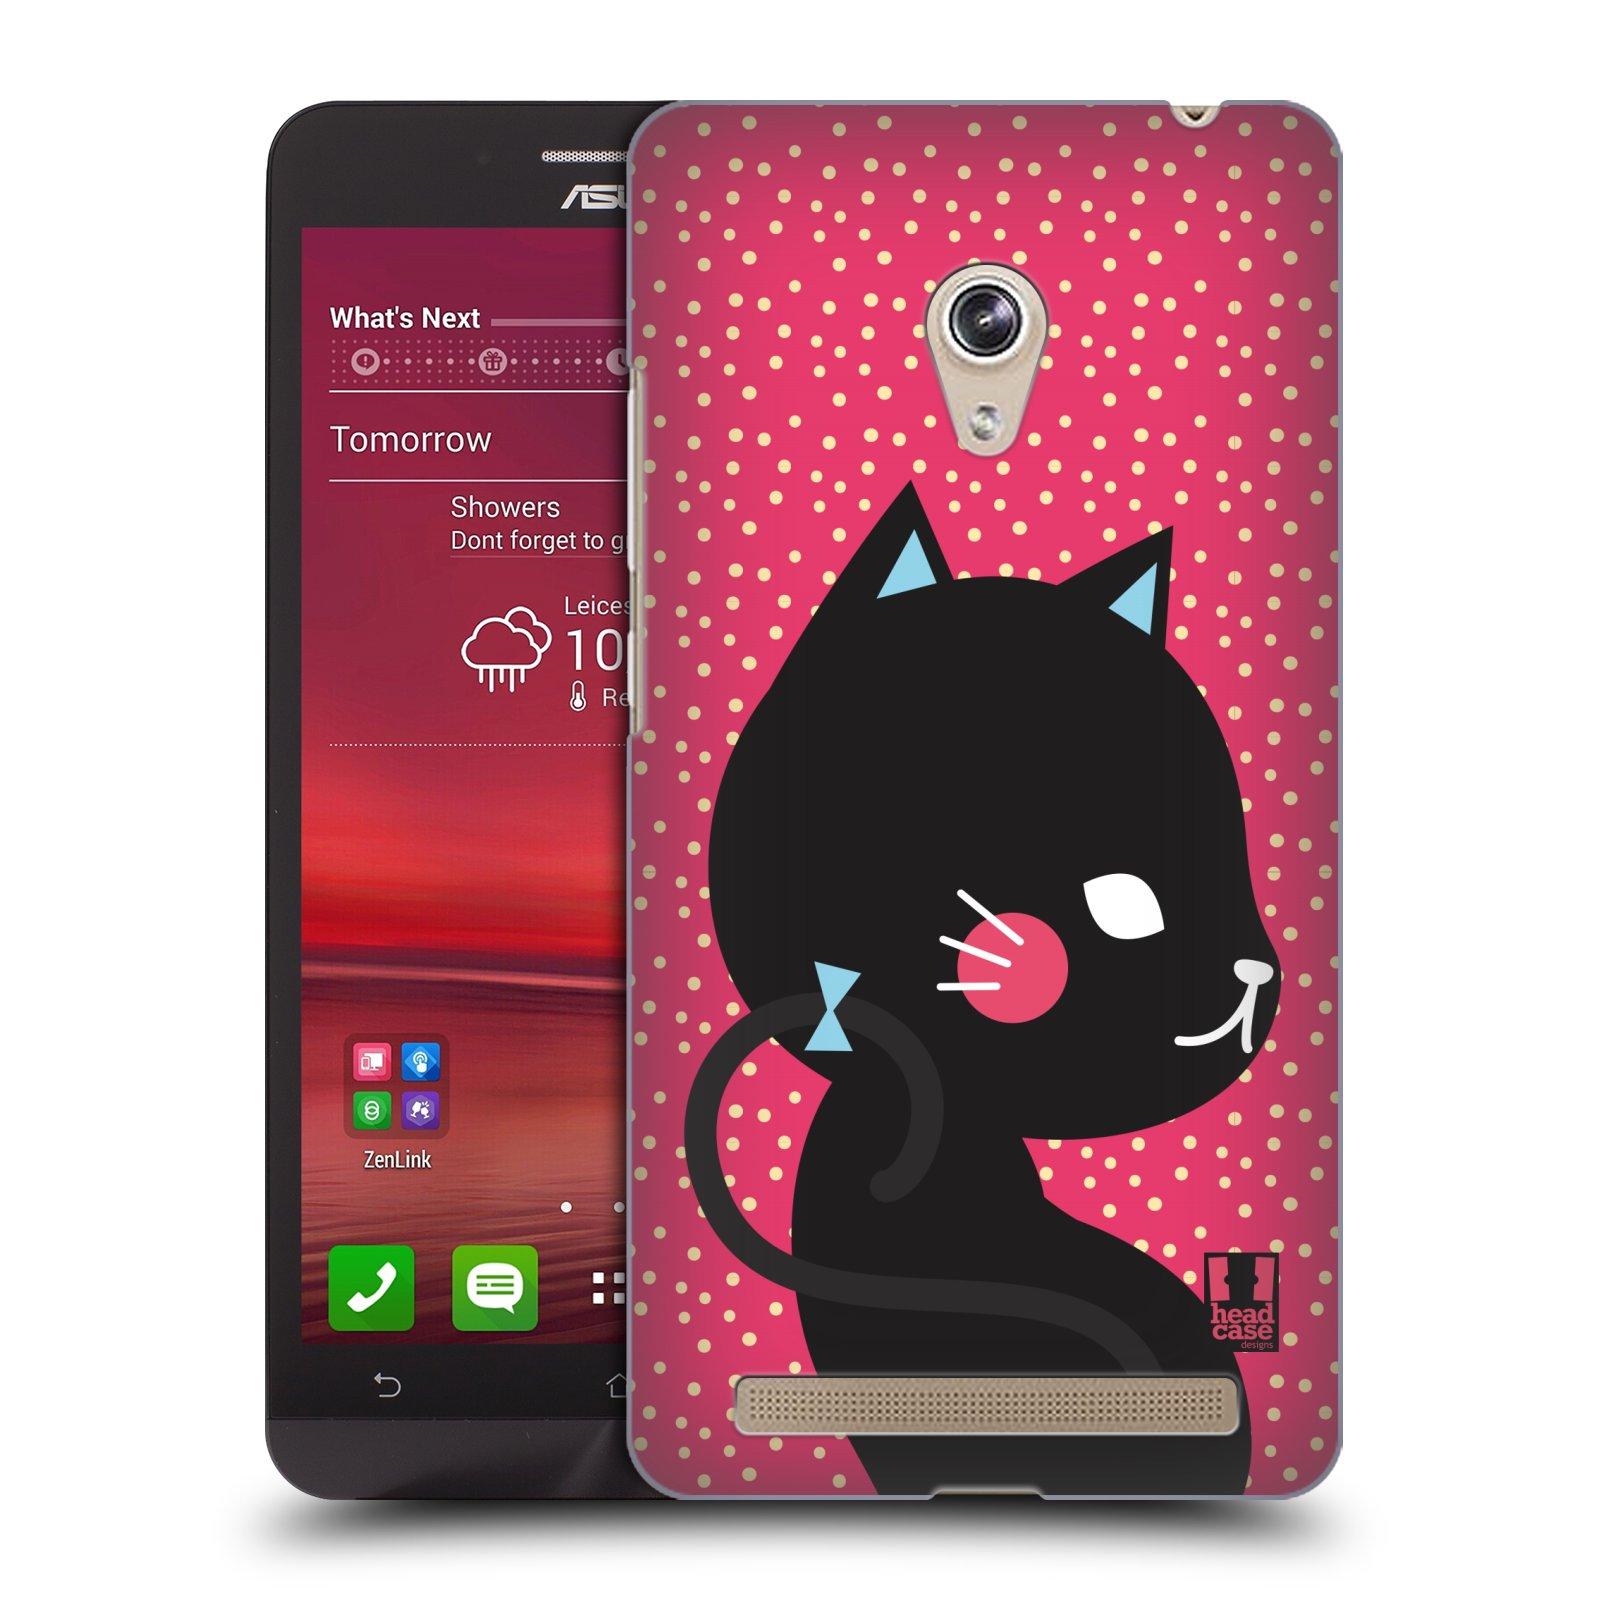 Plastové pouzdro na mobil Asus Zenfone 6 HEAD CASE KOČIČKA ČERNÁ NA RŮŽOVÉ (Kryt či obal na mobilní telefon Asus Zenfone 6 A600CG / A601CG)